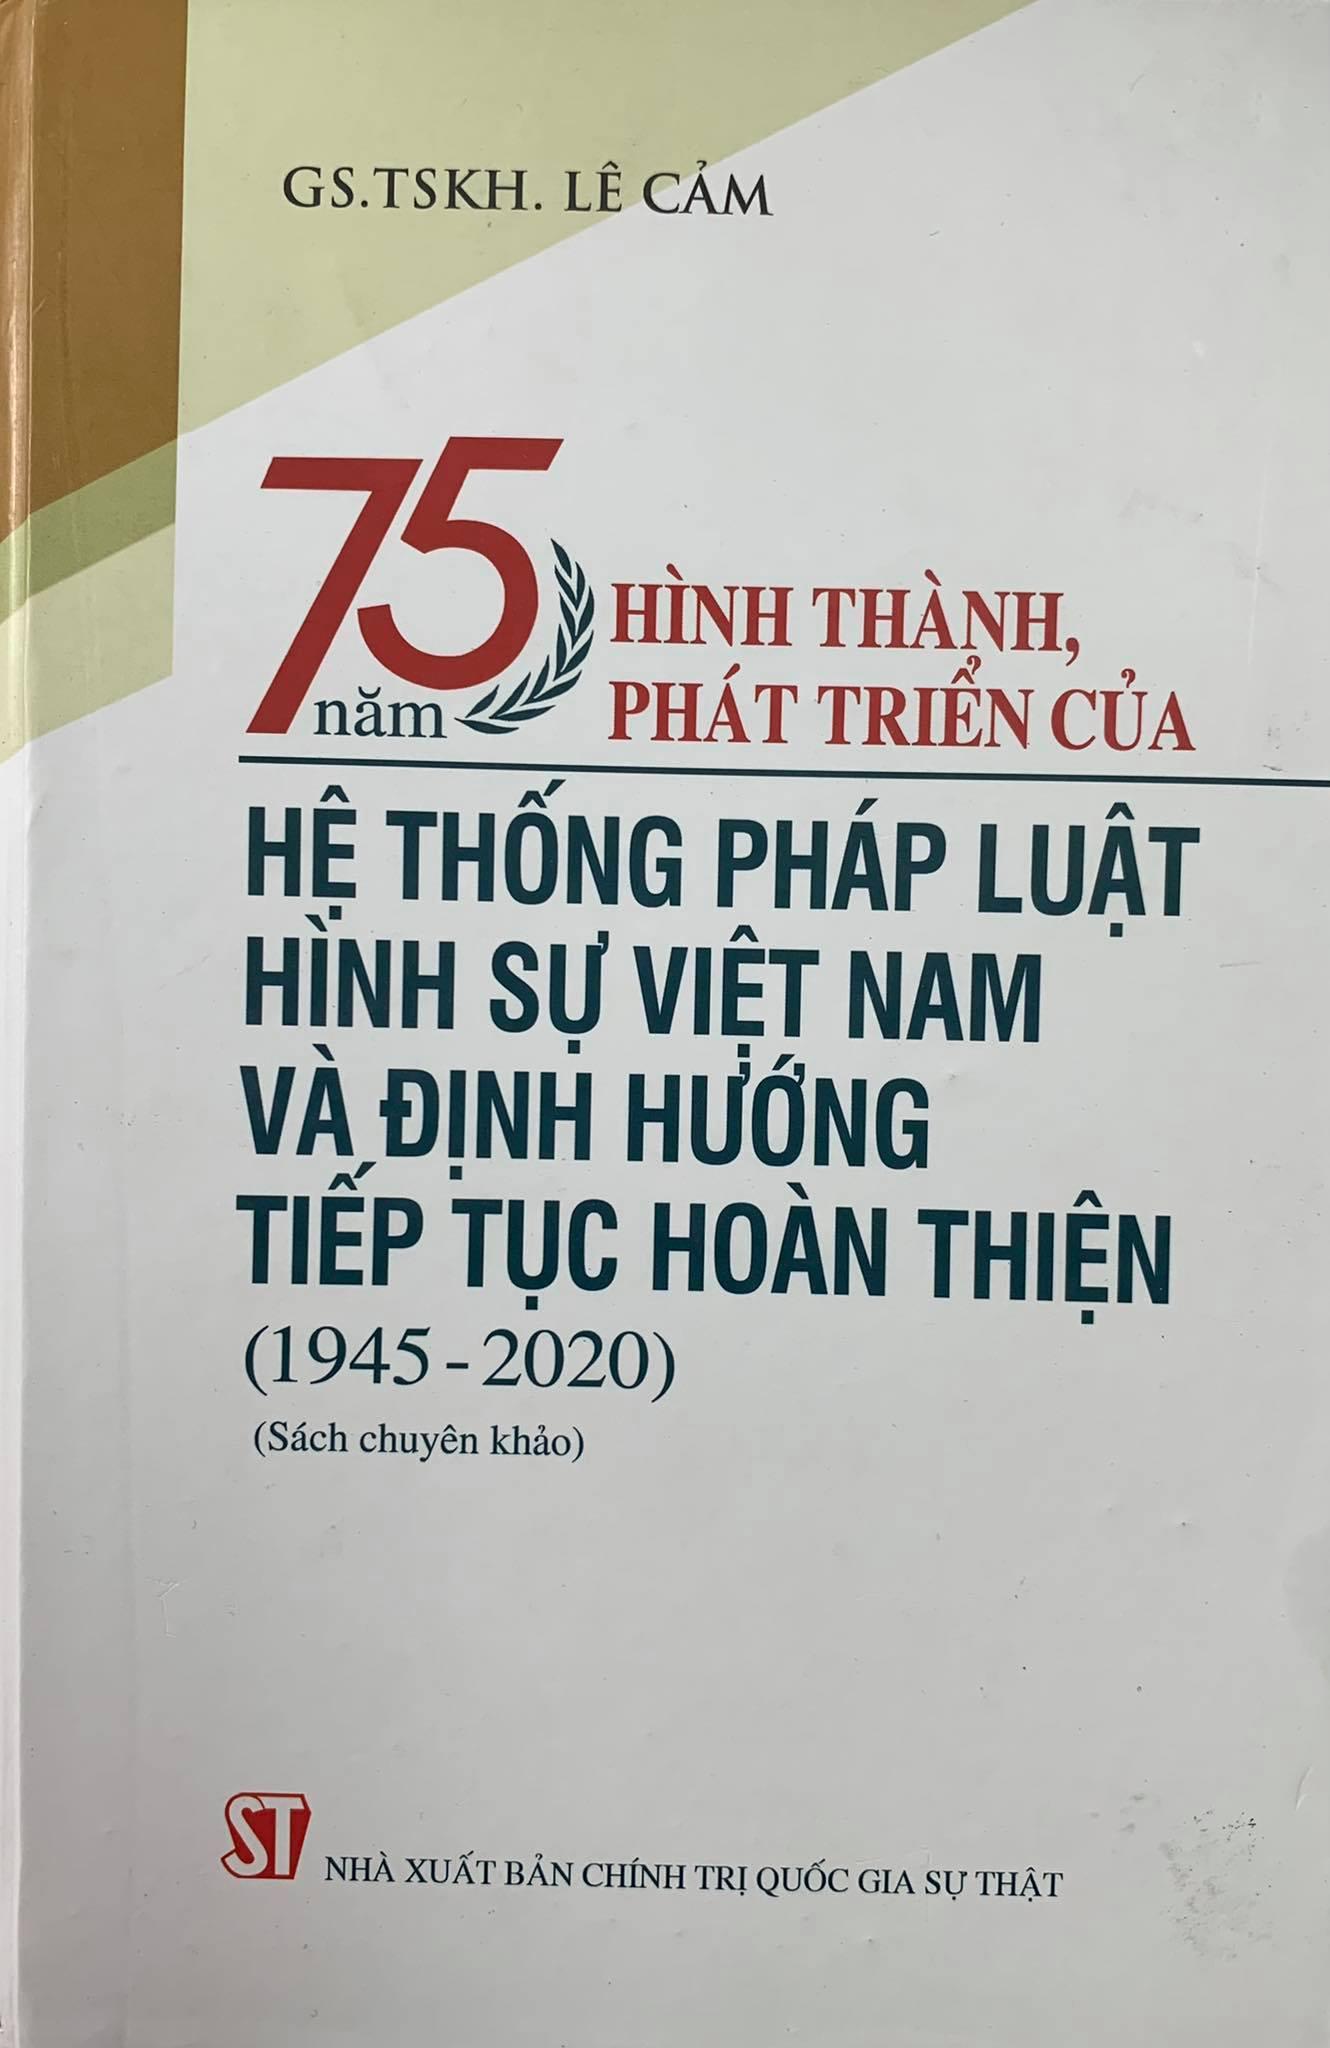 75 năm hình thành, phát triển của Hệ thống pháp luật hình sự Việt Nam và định hướng tiếp tục hoàn thiện (1945 - 2020) (Sách chuyên khảo)